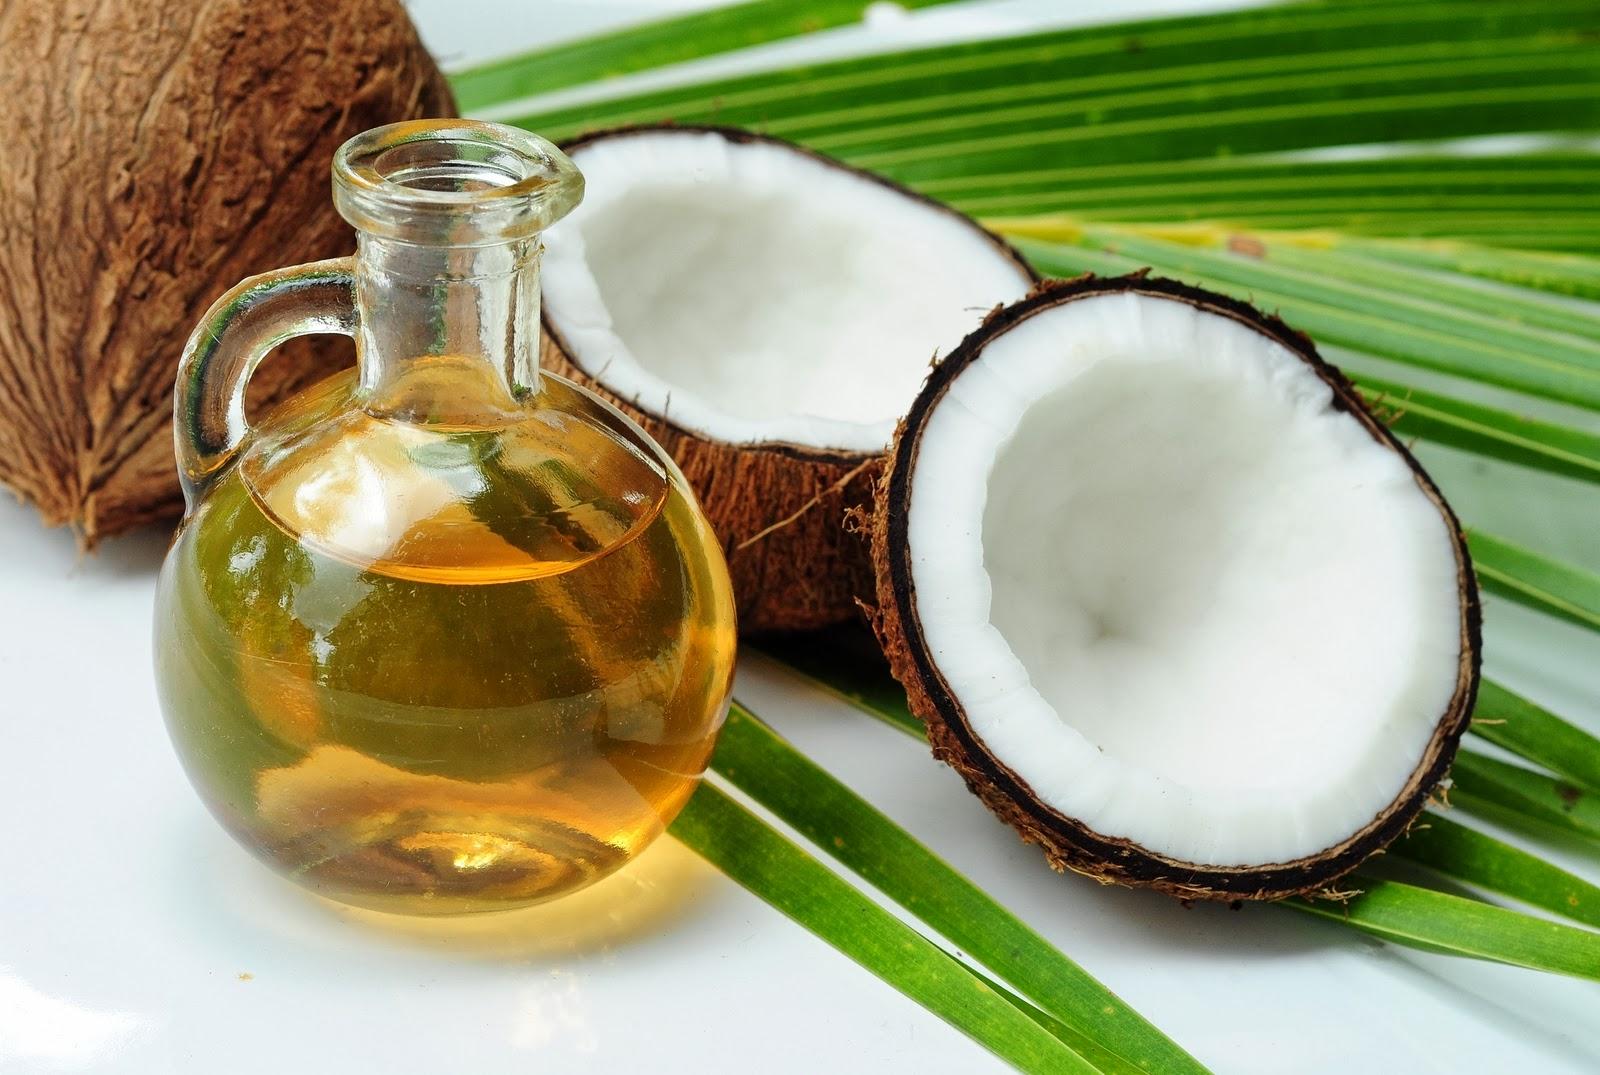 kookosõli kasulikkus kuidas kasutada hea juustele nahake küpsetamiseks meigi eemalduseks